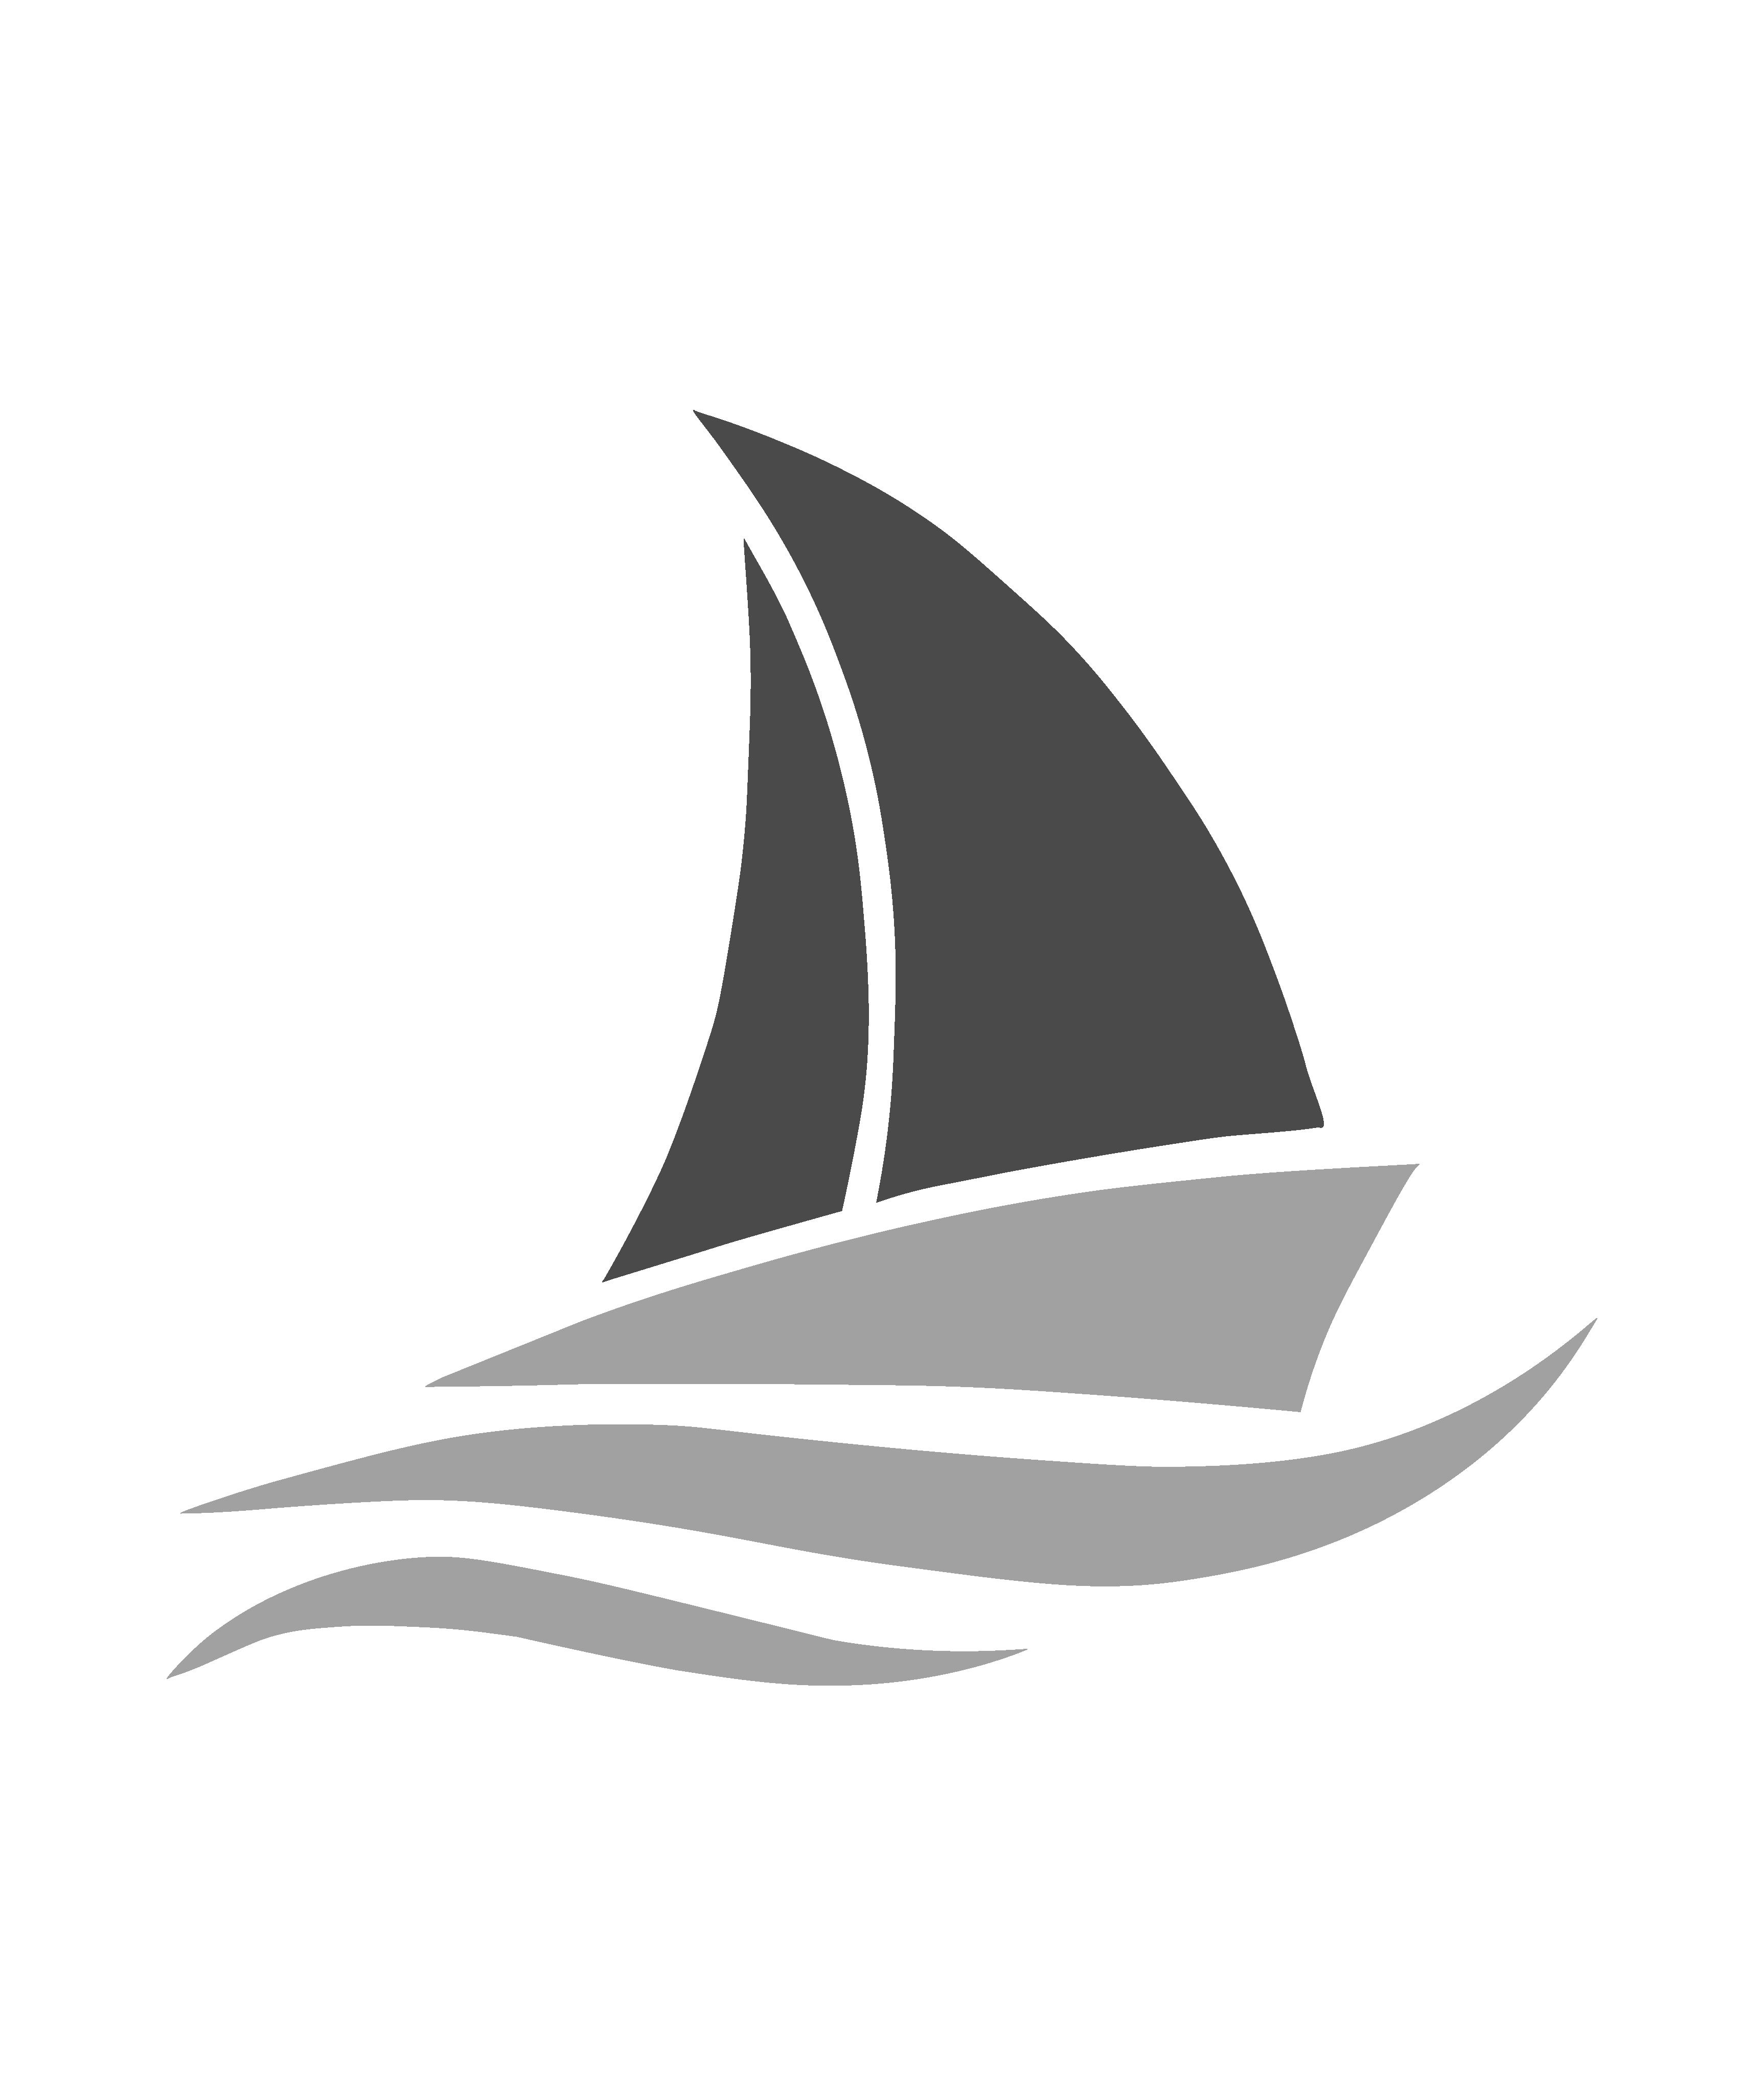 ПАРУС 1